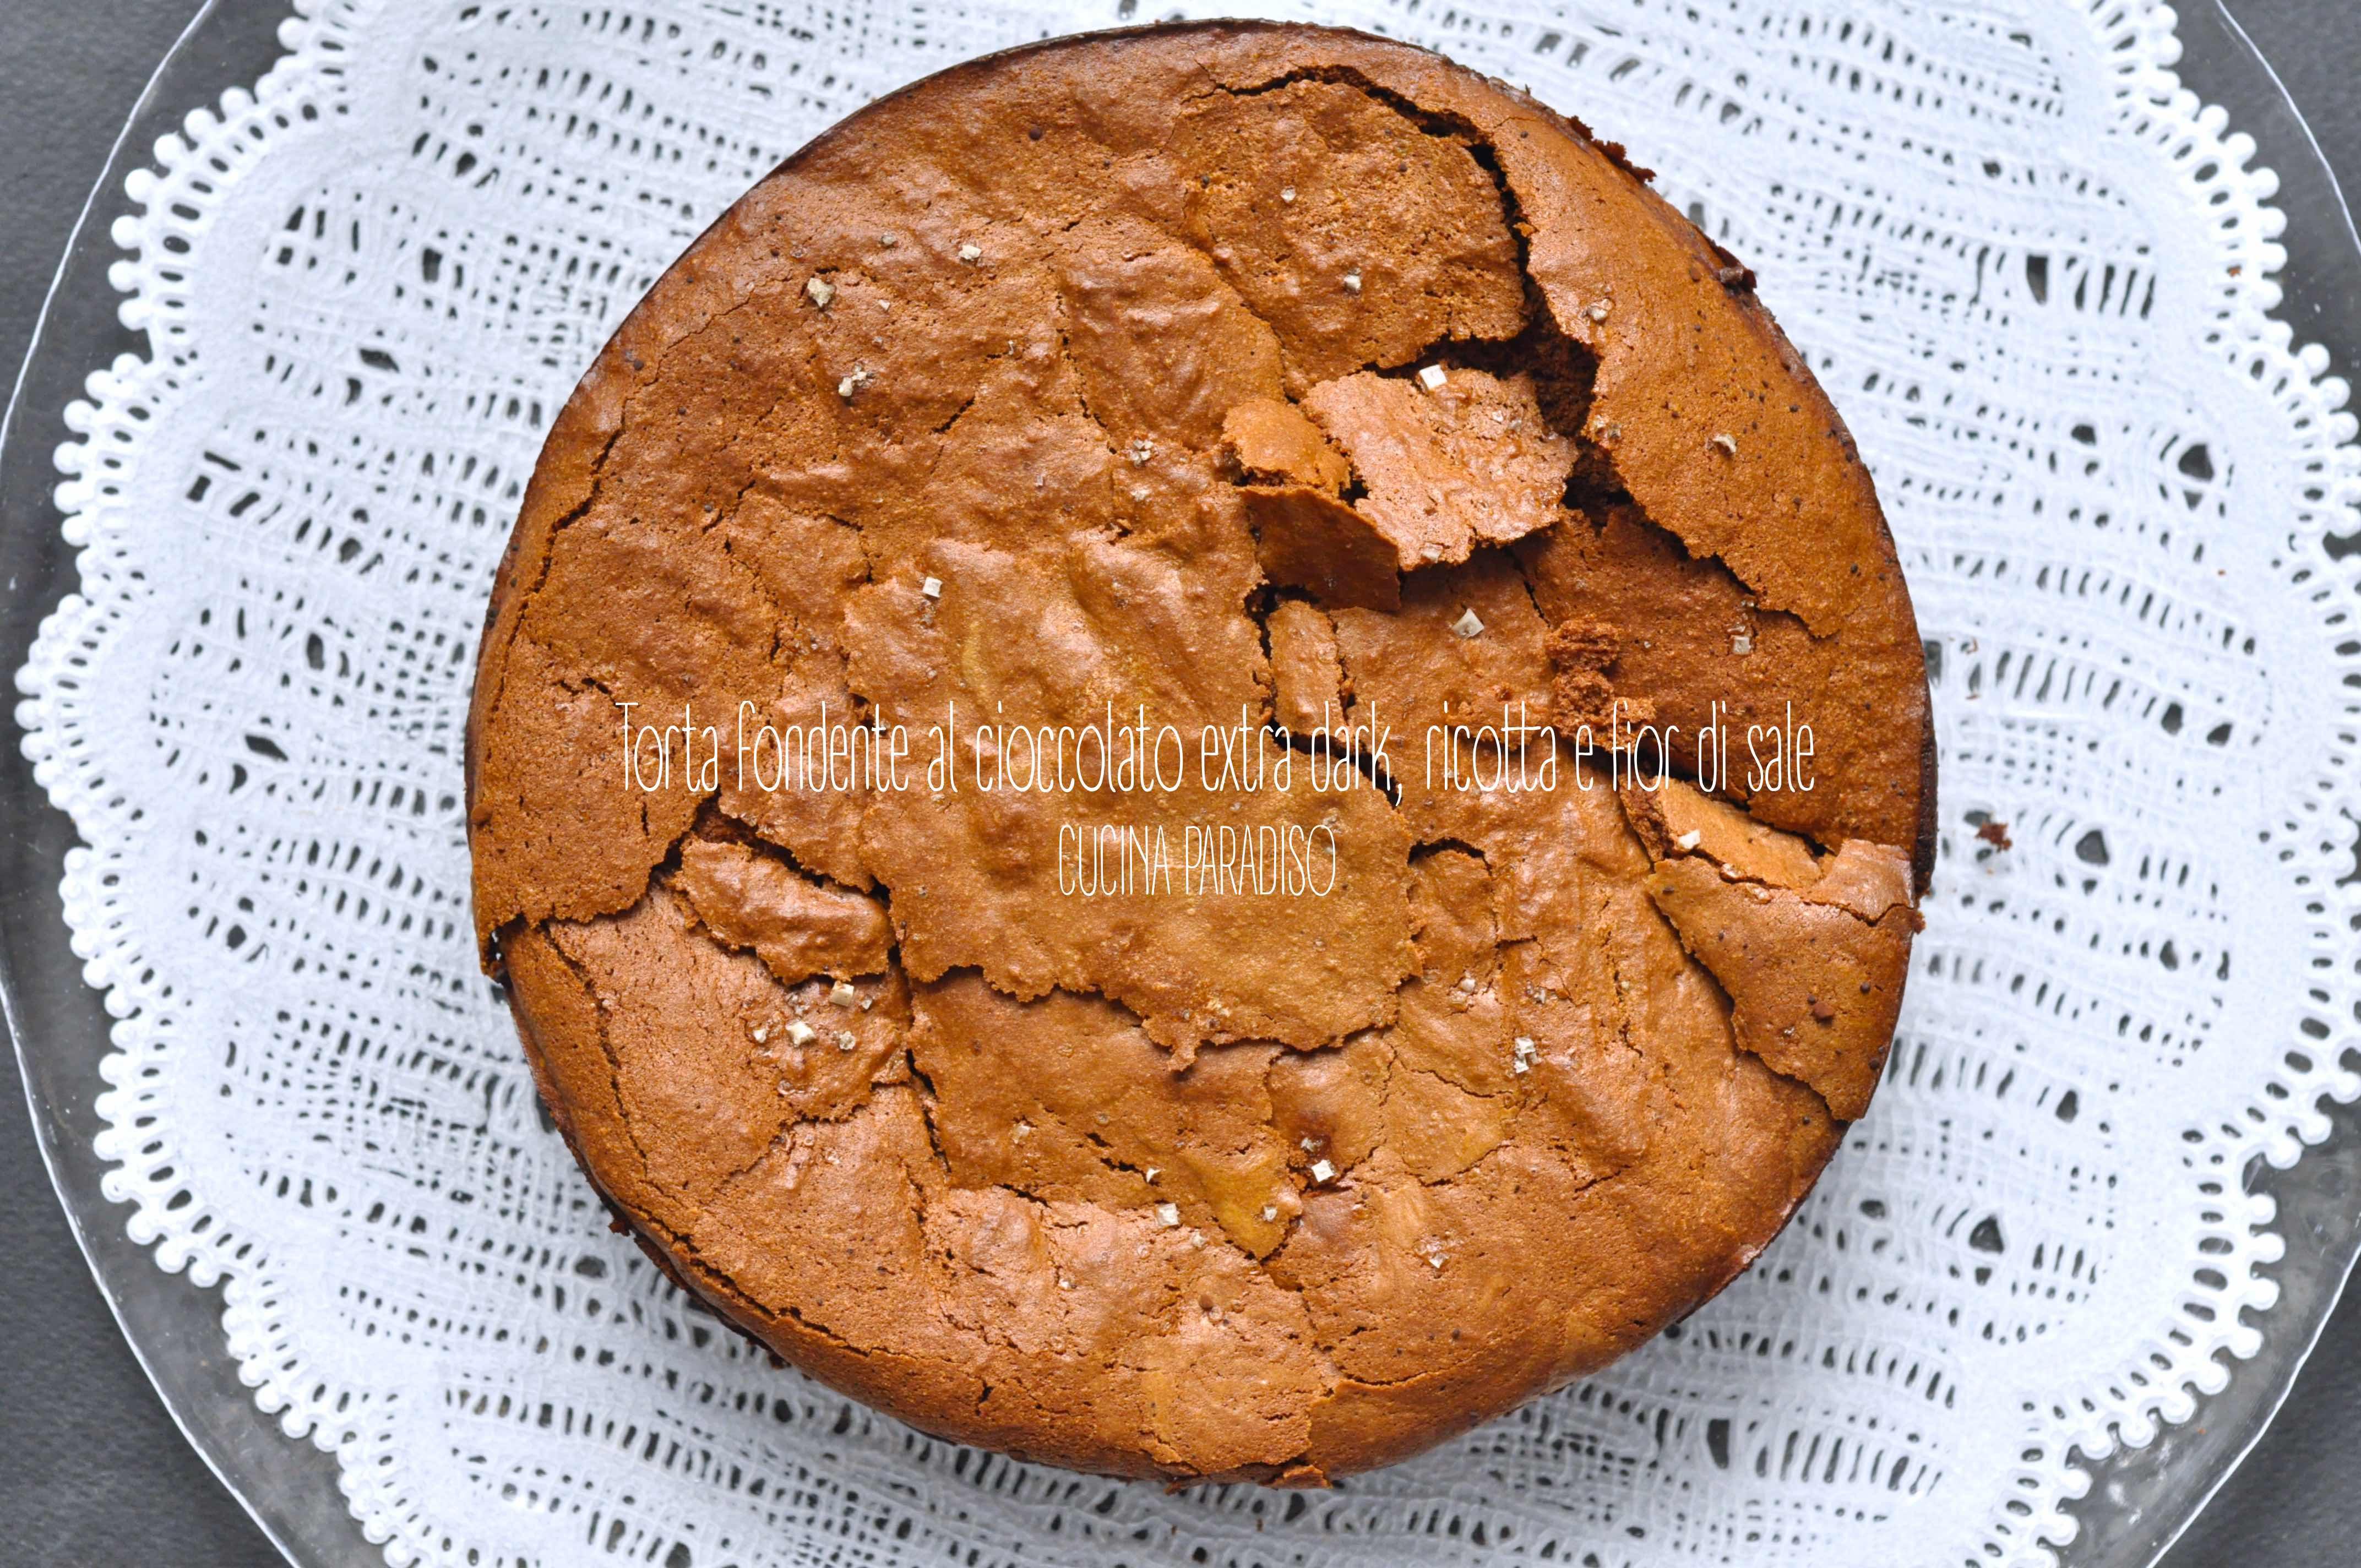 Torta fondente al cioccolato extra dark, ricotta e fior di sale